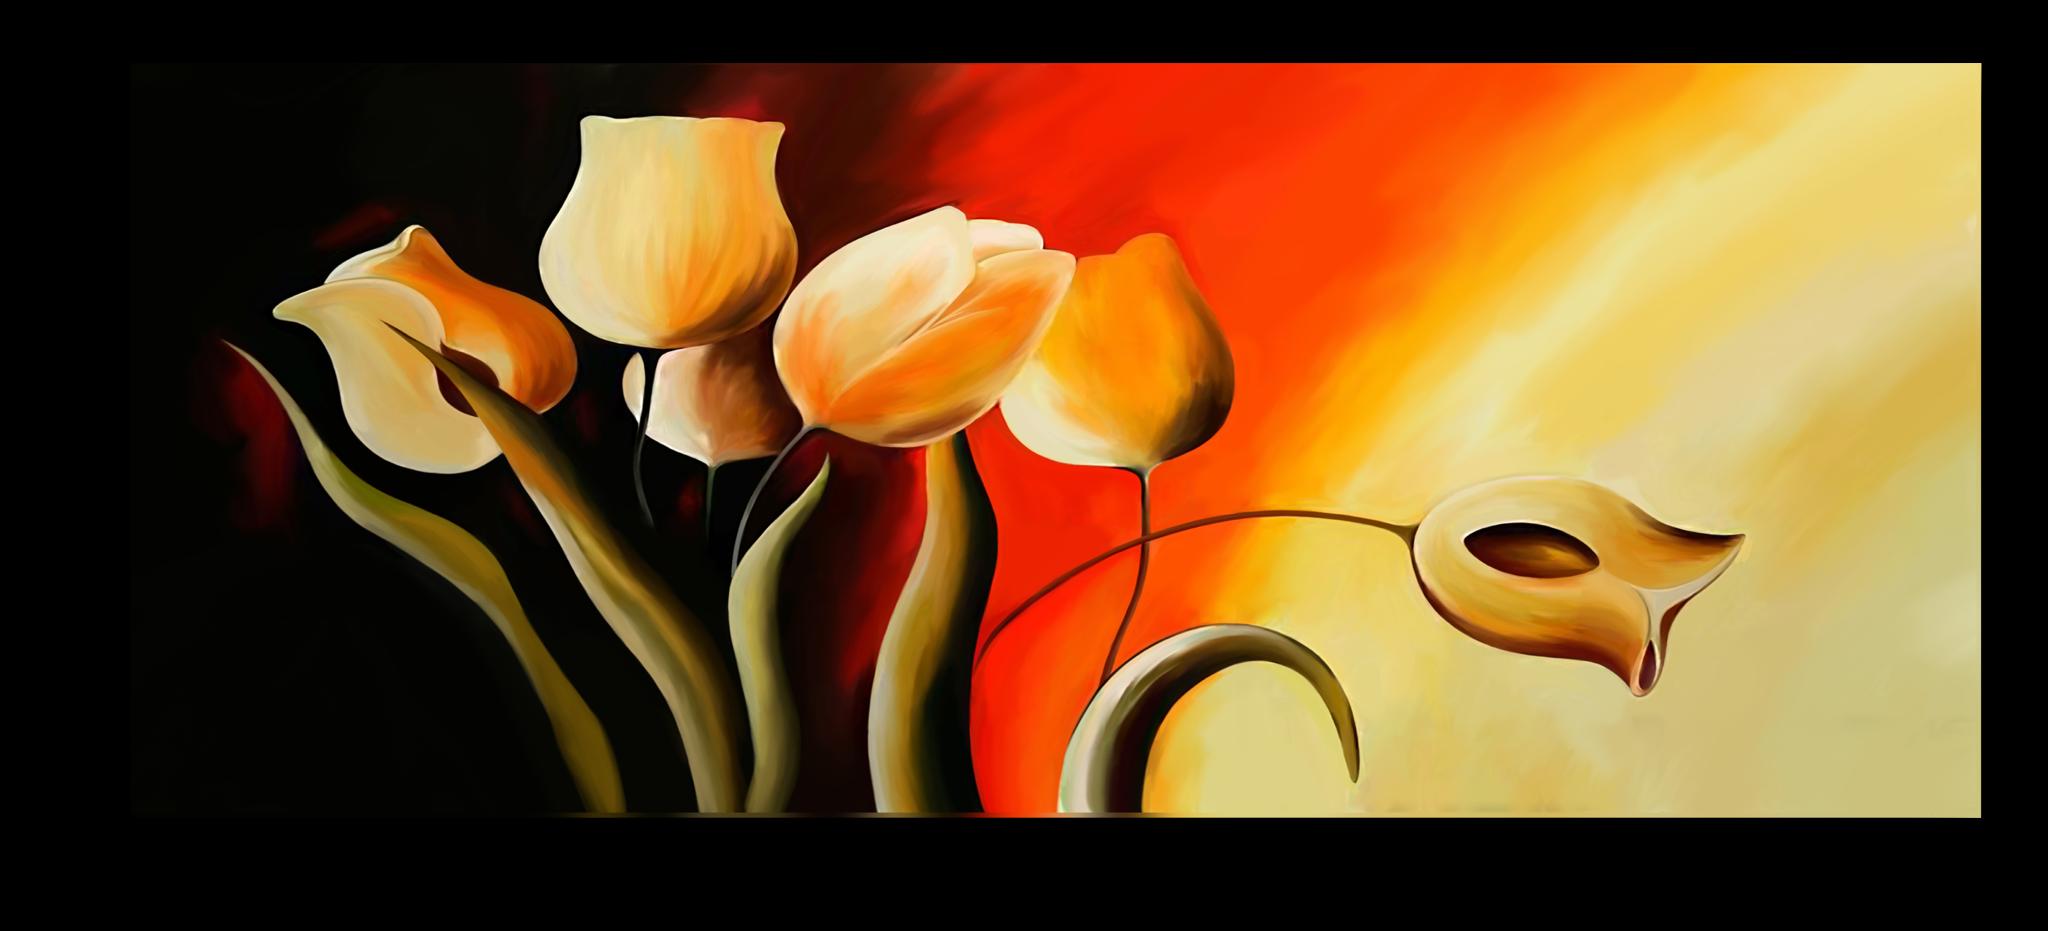 """Постеры Постер """"Огненный тюльпан"""" п125.png"""